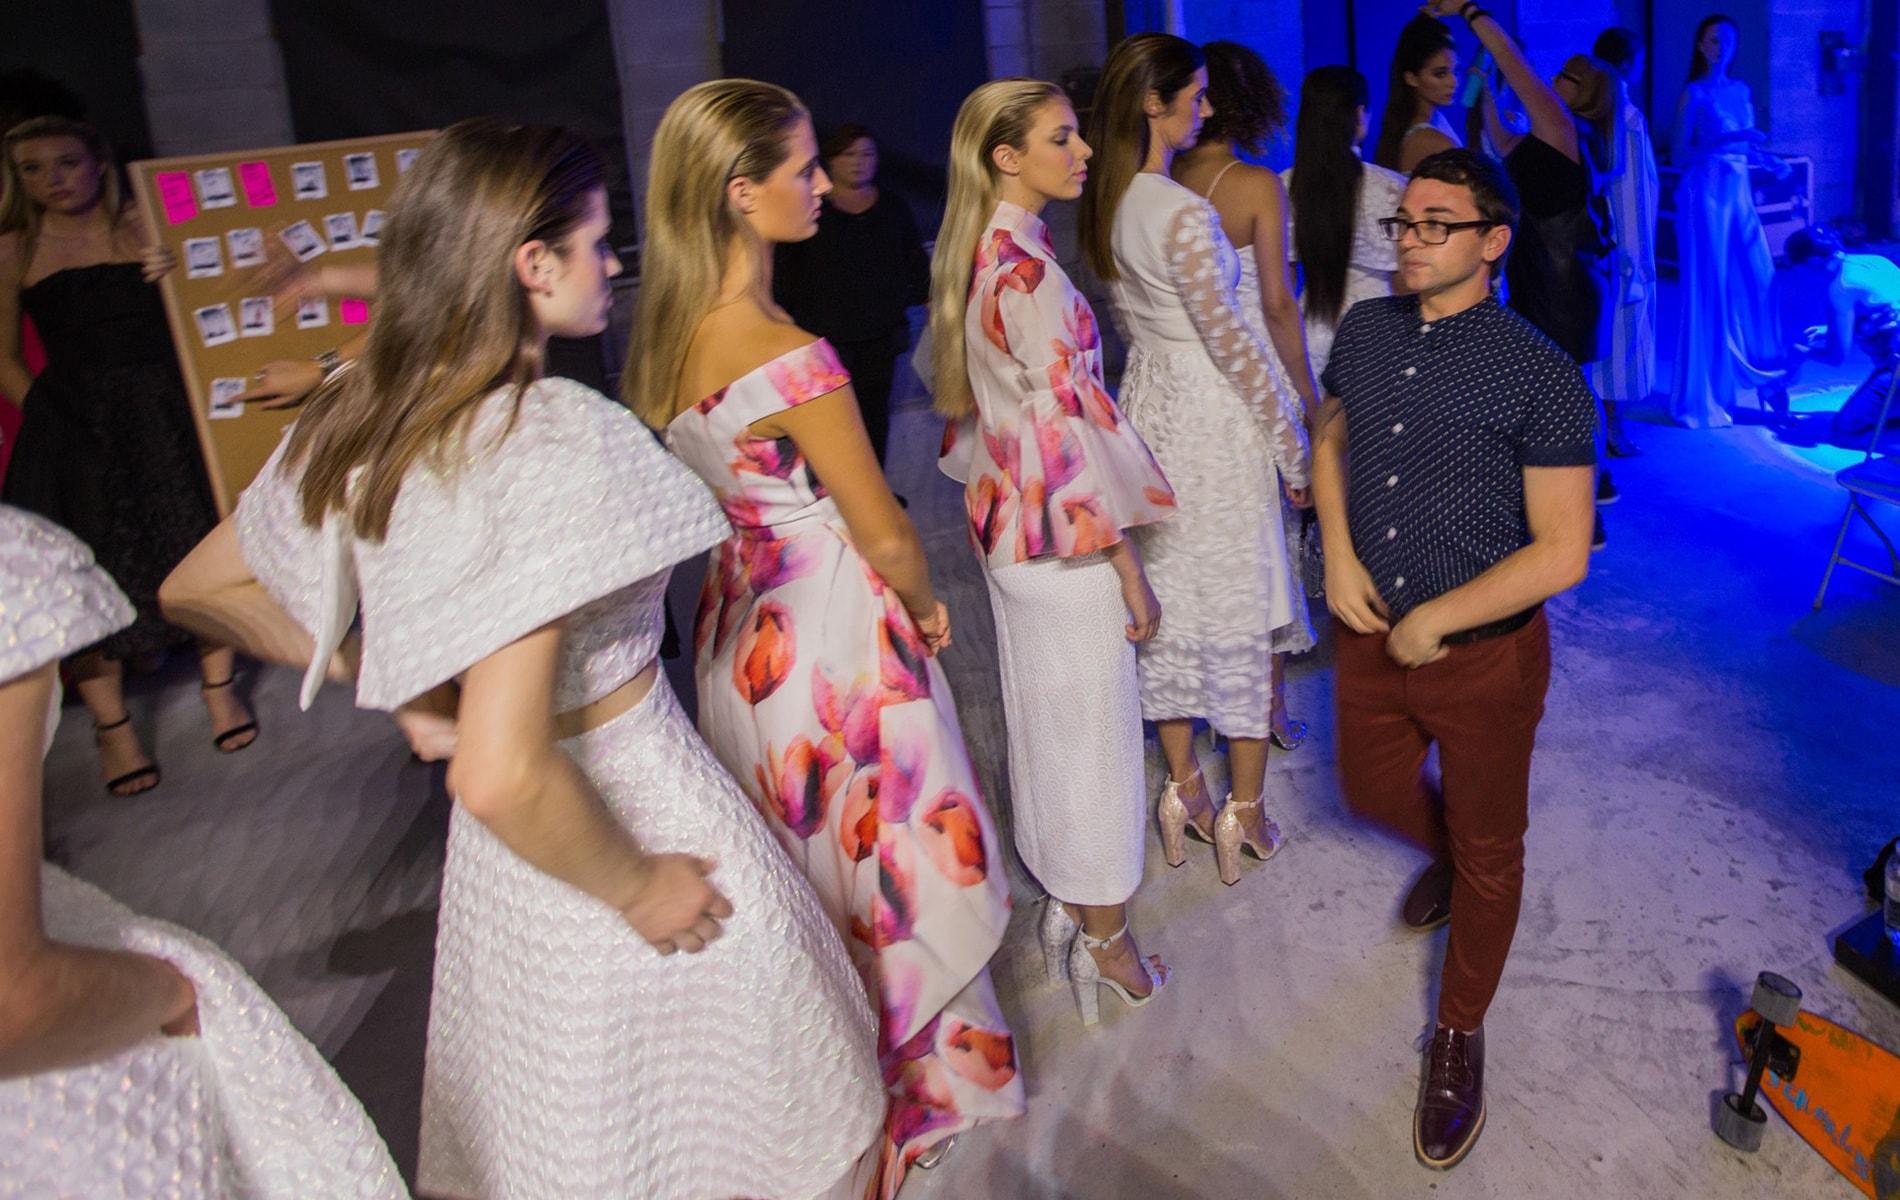 Christian Siriano and models backstage at South Walton Fashion Week 2016